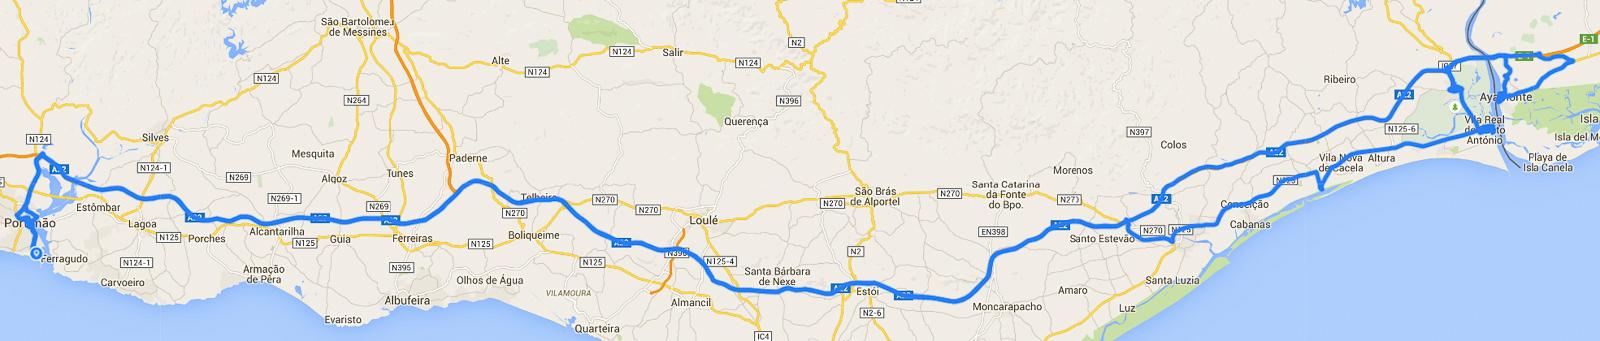 Dag05-Algarve-001-GevolgdeWeg